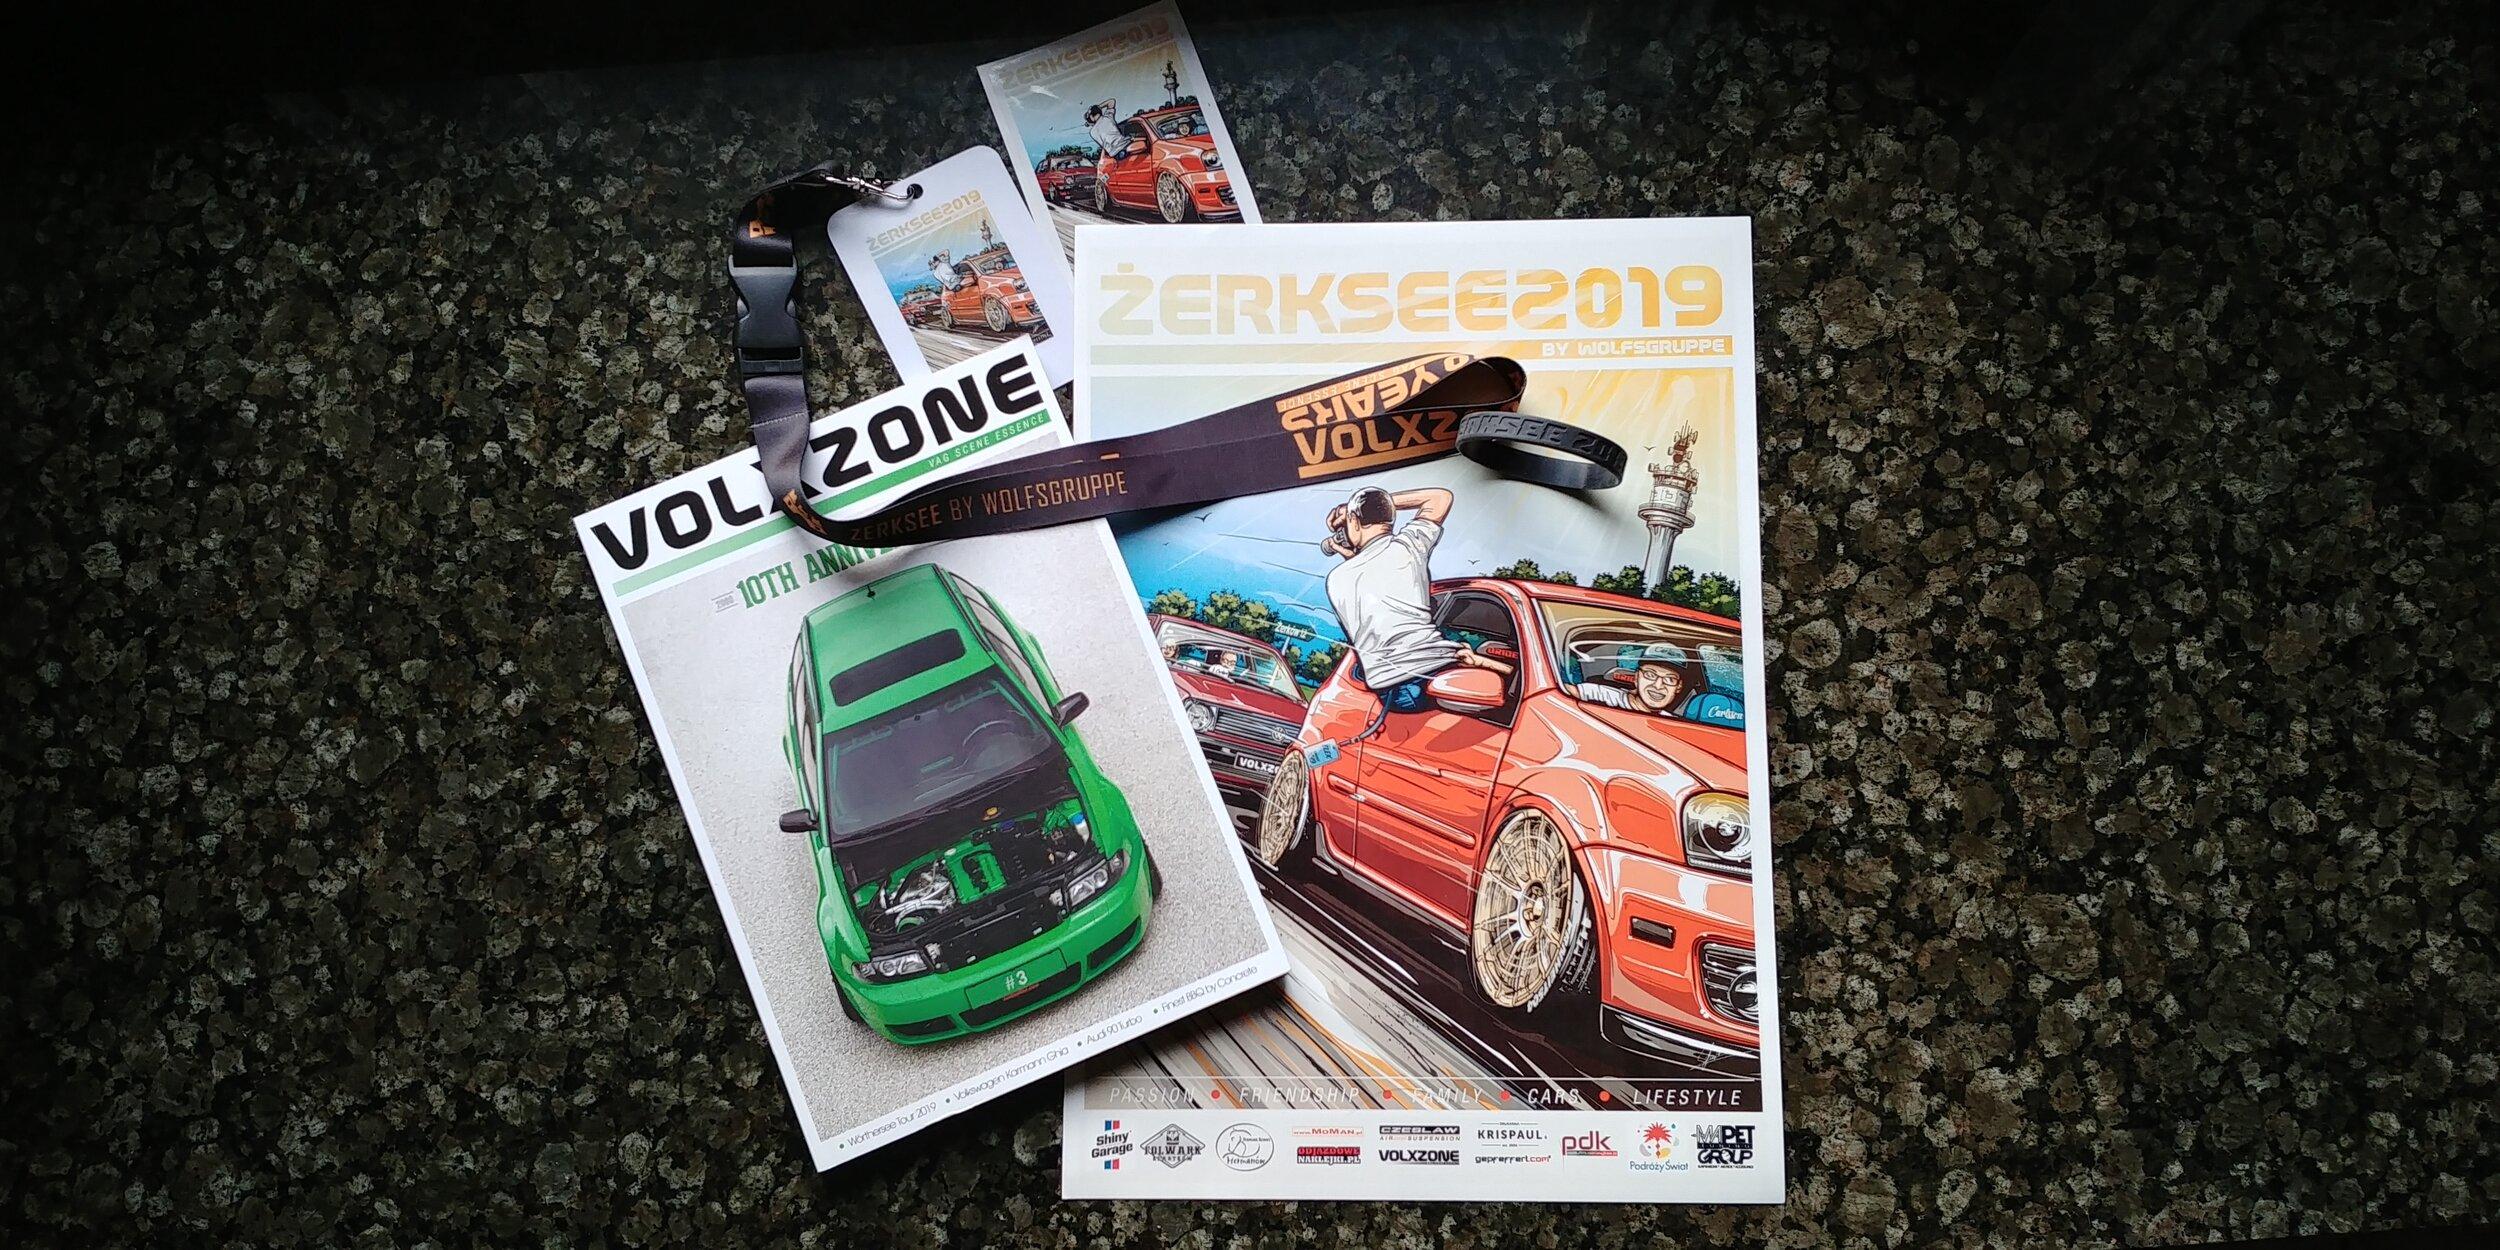 Volxzone - Volxzone on julkaissut ensimmäisen verkkolehtensä vuonna 2009. Lehden toimitukseen kuuluu kolme henkeä, Patryk Bielinski, Lukasz Elszkowski ja Michal Bielawski. Pääpainon ollessa alkuun Puolalaisessa VAG scenessä on ajan myötä lehti laajentunut kansainvälisemmäksi. Kyseinen aviisi on erittäin upeasti taitettu ja sen tekijät ovat panostaneet ja kehittäneet siitä hienon kokonaisuuden joka on käännetty Puolan lisäksi myös Englanniksi. Volxzone julkaisi kolmannen paperisen lehtensä tämän vuoden Zerkseessä joka oli myös lehden 10. juhlavuosi. Suuri suositus tutustua tähän lehteen jota tehdään täysin rakkaudesta lajiin.Volxzone published its first online magazine in 2009. The editorial team includes three people, Patryk Bielinski, Lukasz Elszkowski and Michal Bielawski. With the emphasis initially on the Polish VAG scene, the magazine has grown to become more international over time. Magazine is very stylish and its creators have developed a wonderful ensemble of VAG essence which has been translated not only into Polish but also in English. Volxzone released its third paper magazine in this year's Zerksee, which was also its 10th anniversary. It's a great recommendation to check out this magazine, which is made entirely out of a love for VAG scene.